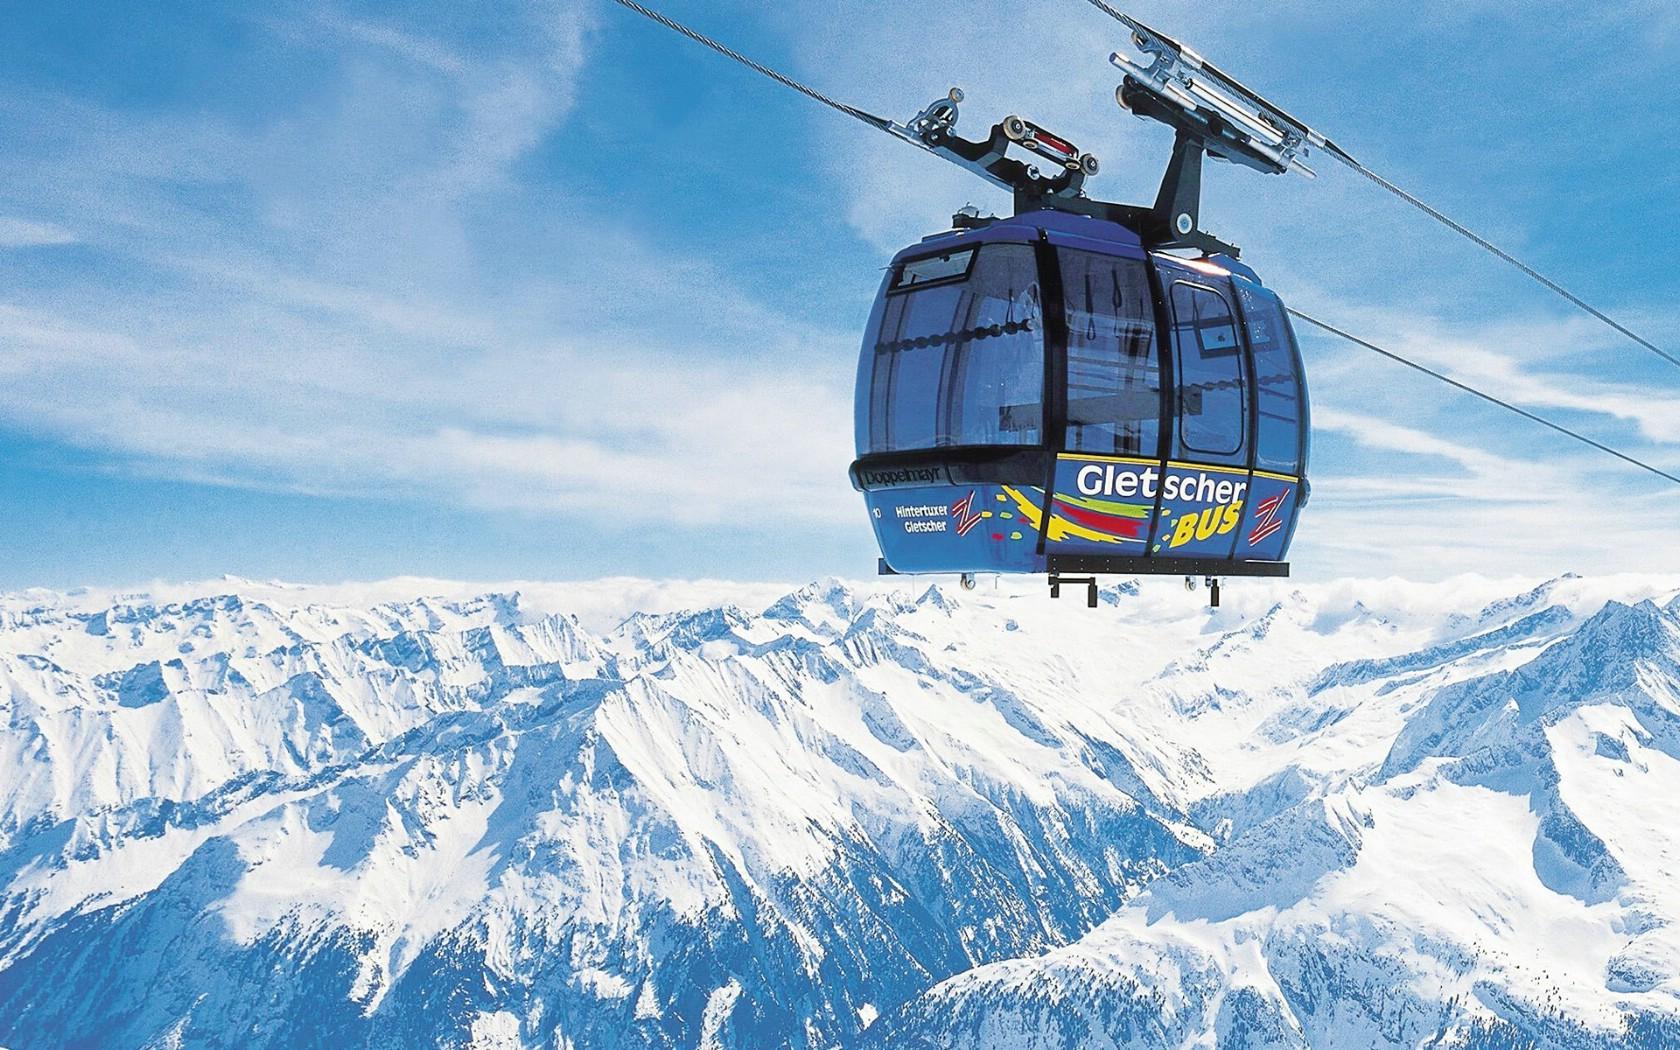 壁纸1680×1050滑雪圣地 阿尔卑斯山度假壁纸 高山缆车图片壁纸壁纸 滑雪圣地阿尔卑斯山度假壁纸壁纸图片人文壁纸人文图片素材桌面壁纸